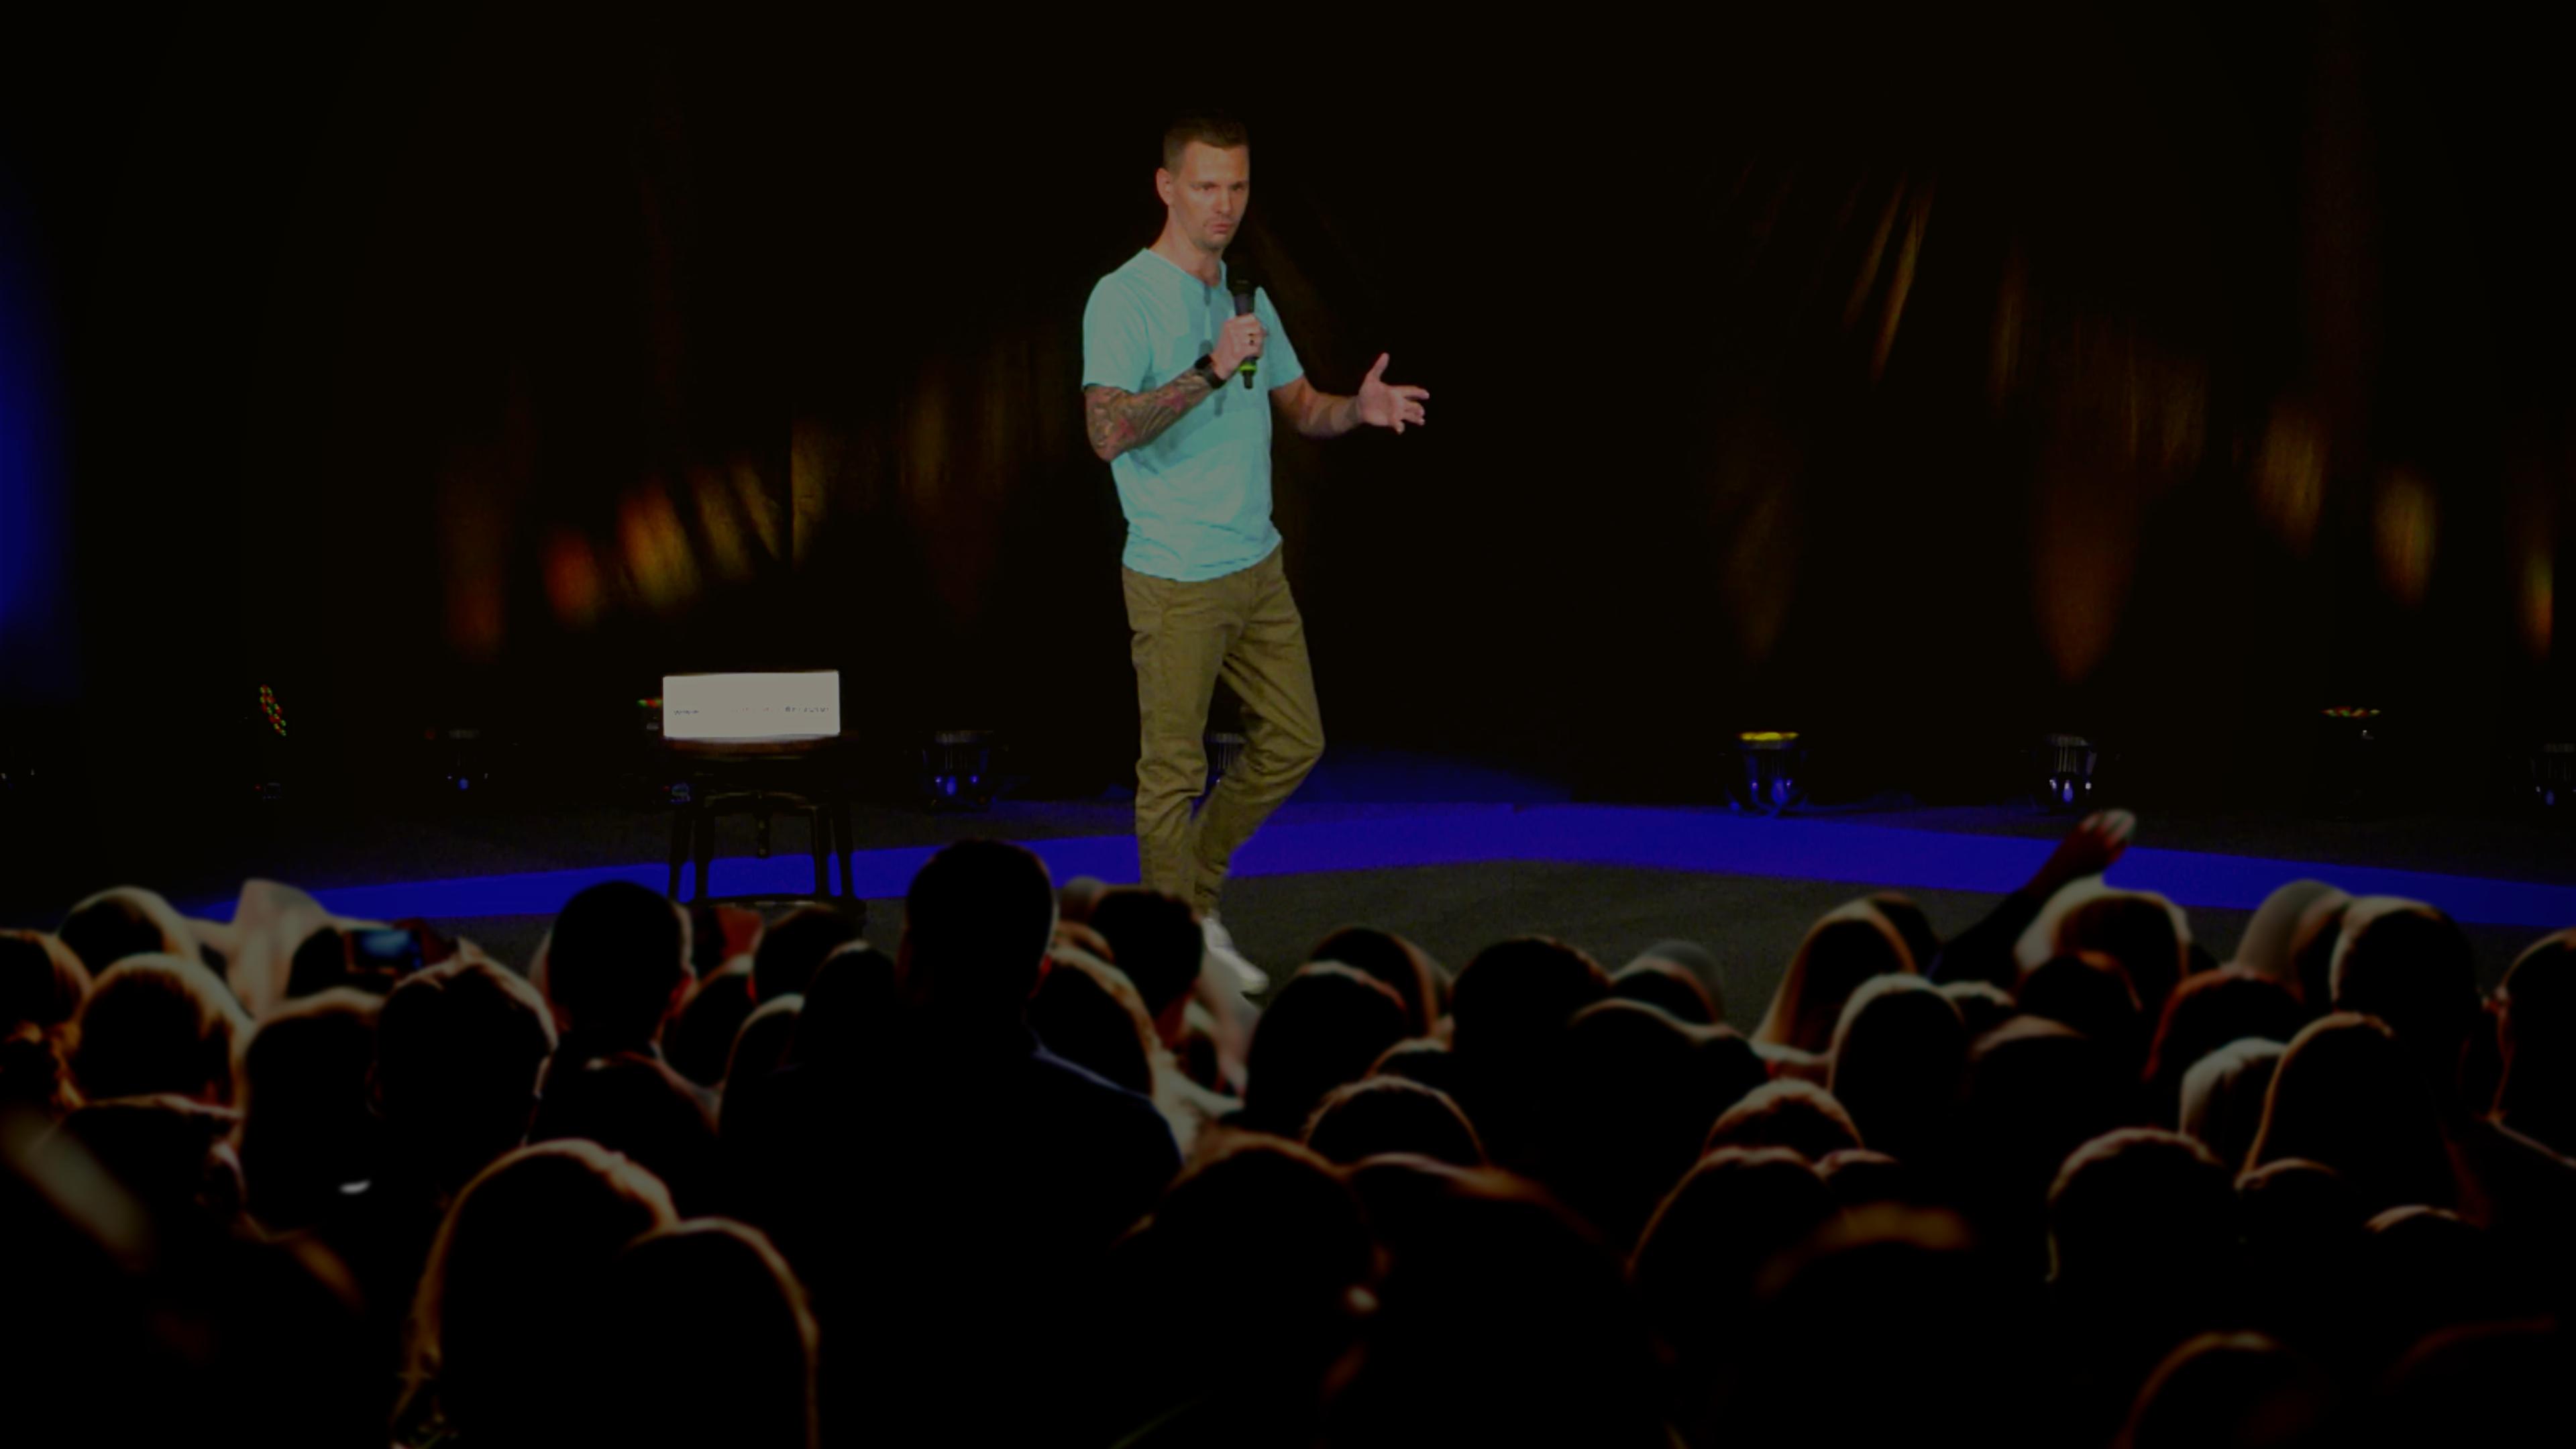 Michael Heister Bühne Speaker Slam